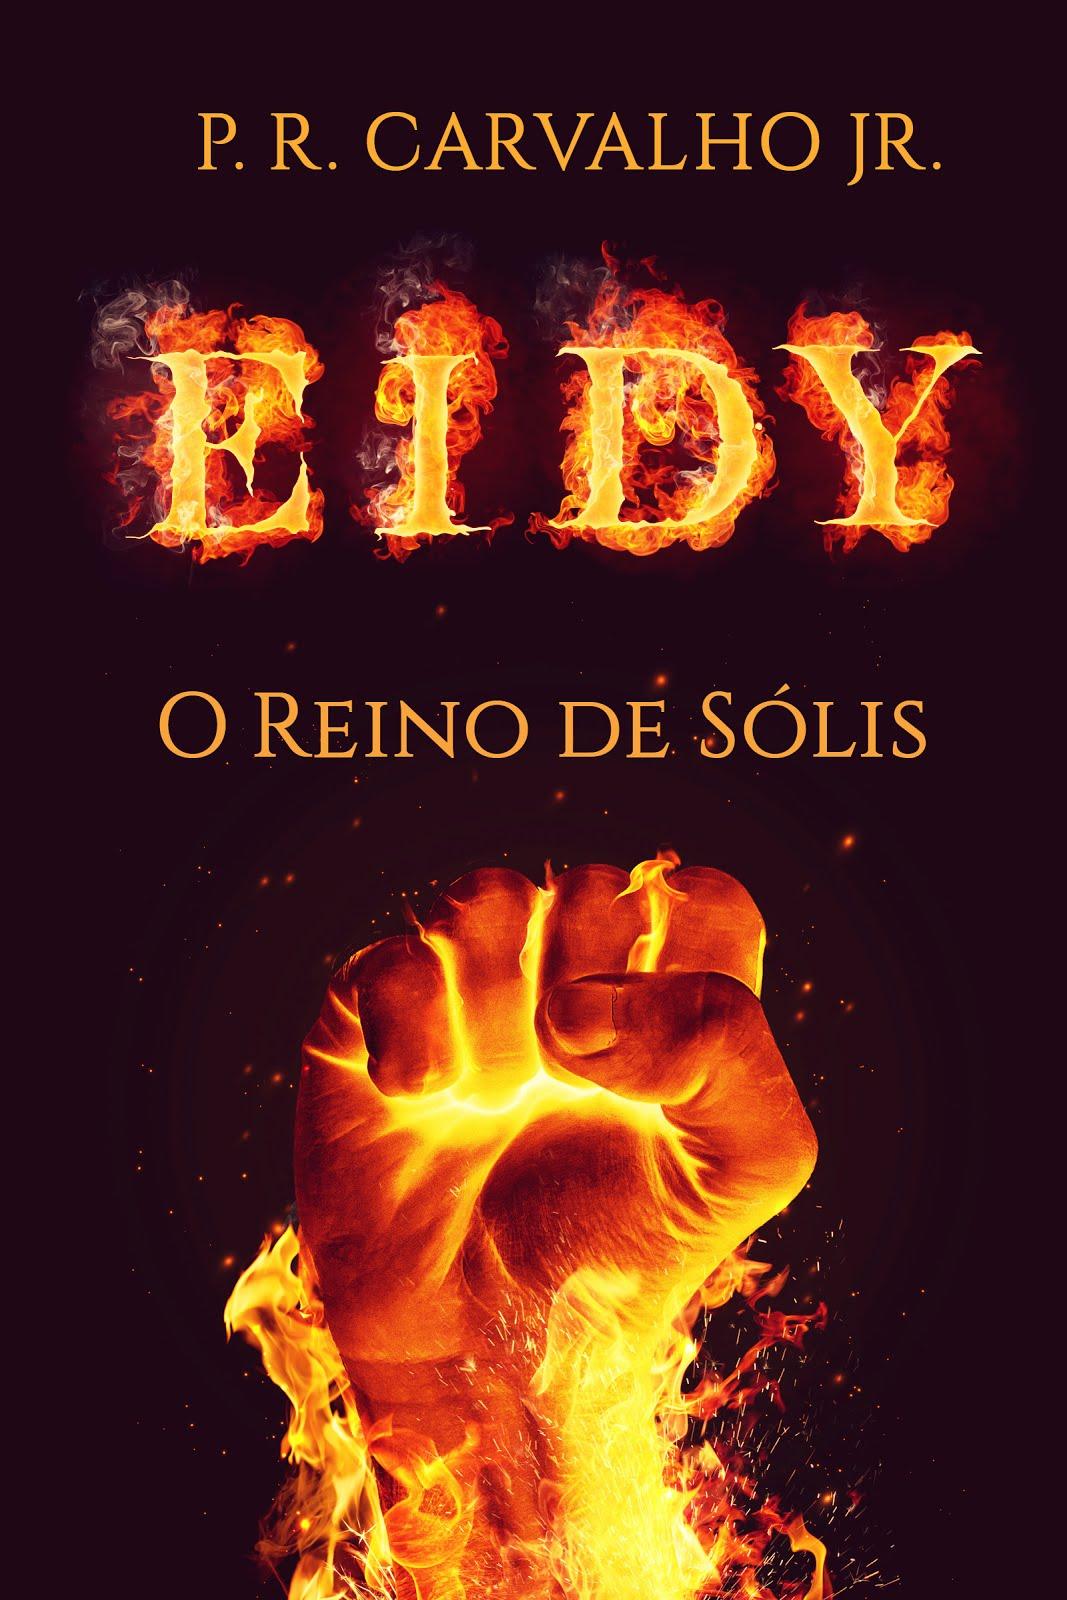 Eidy- O Reino de Sólis